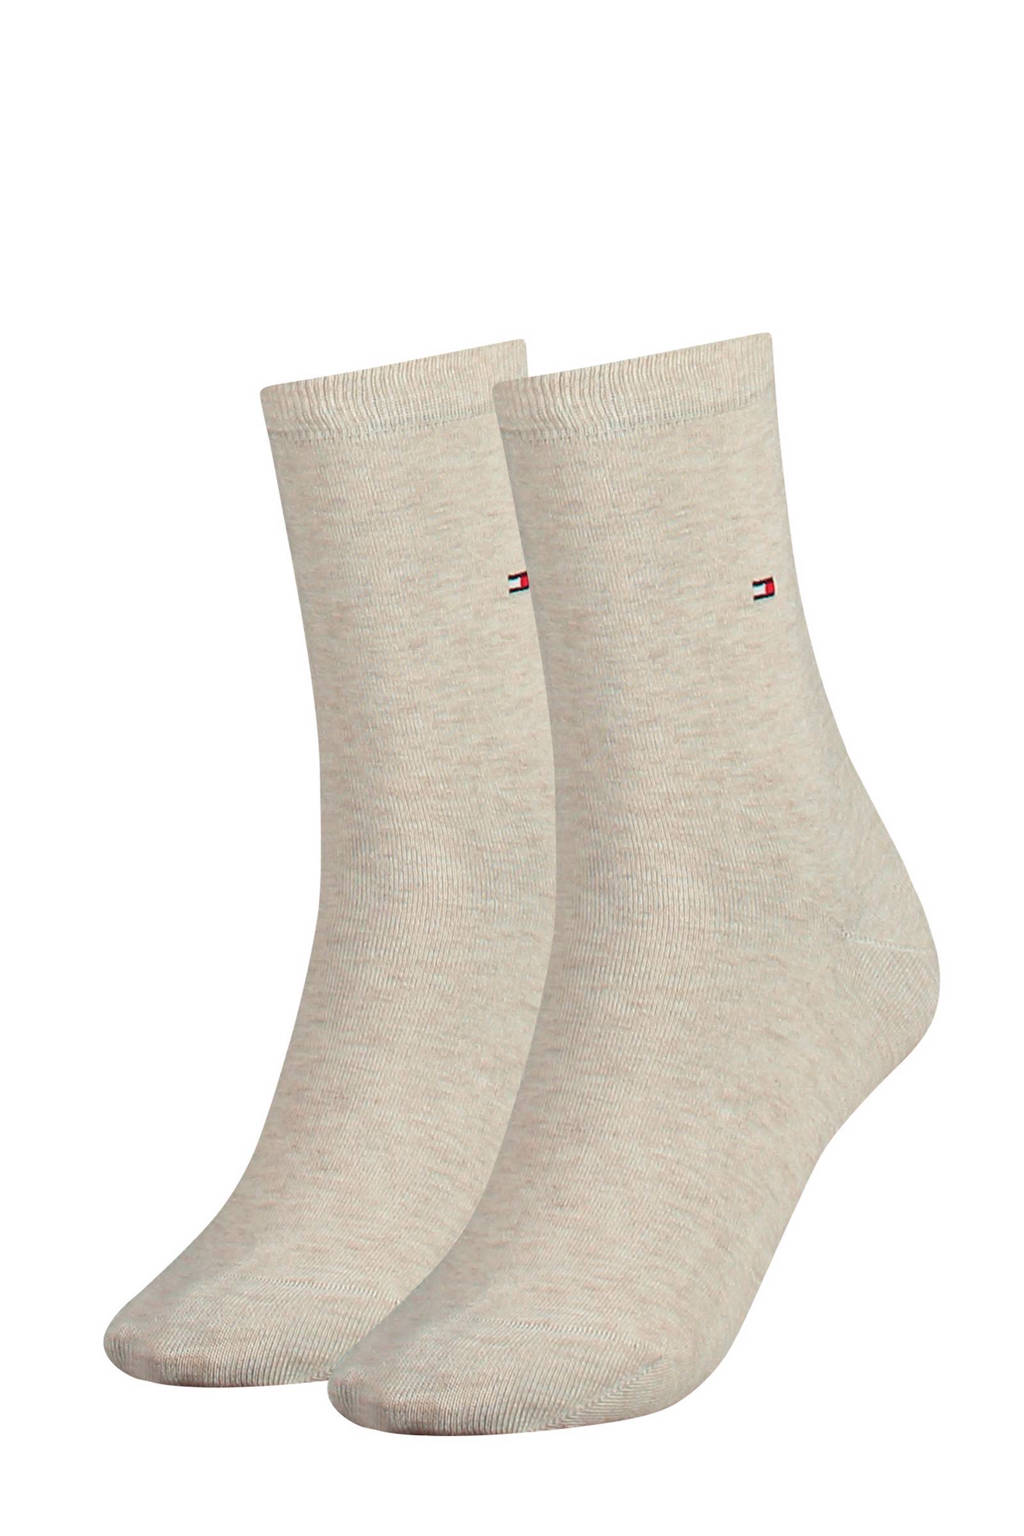 Tommy Hilfiger sokken (2 paar), Beige